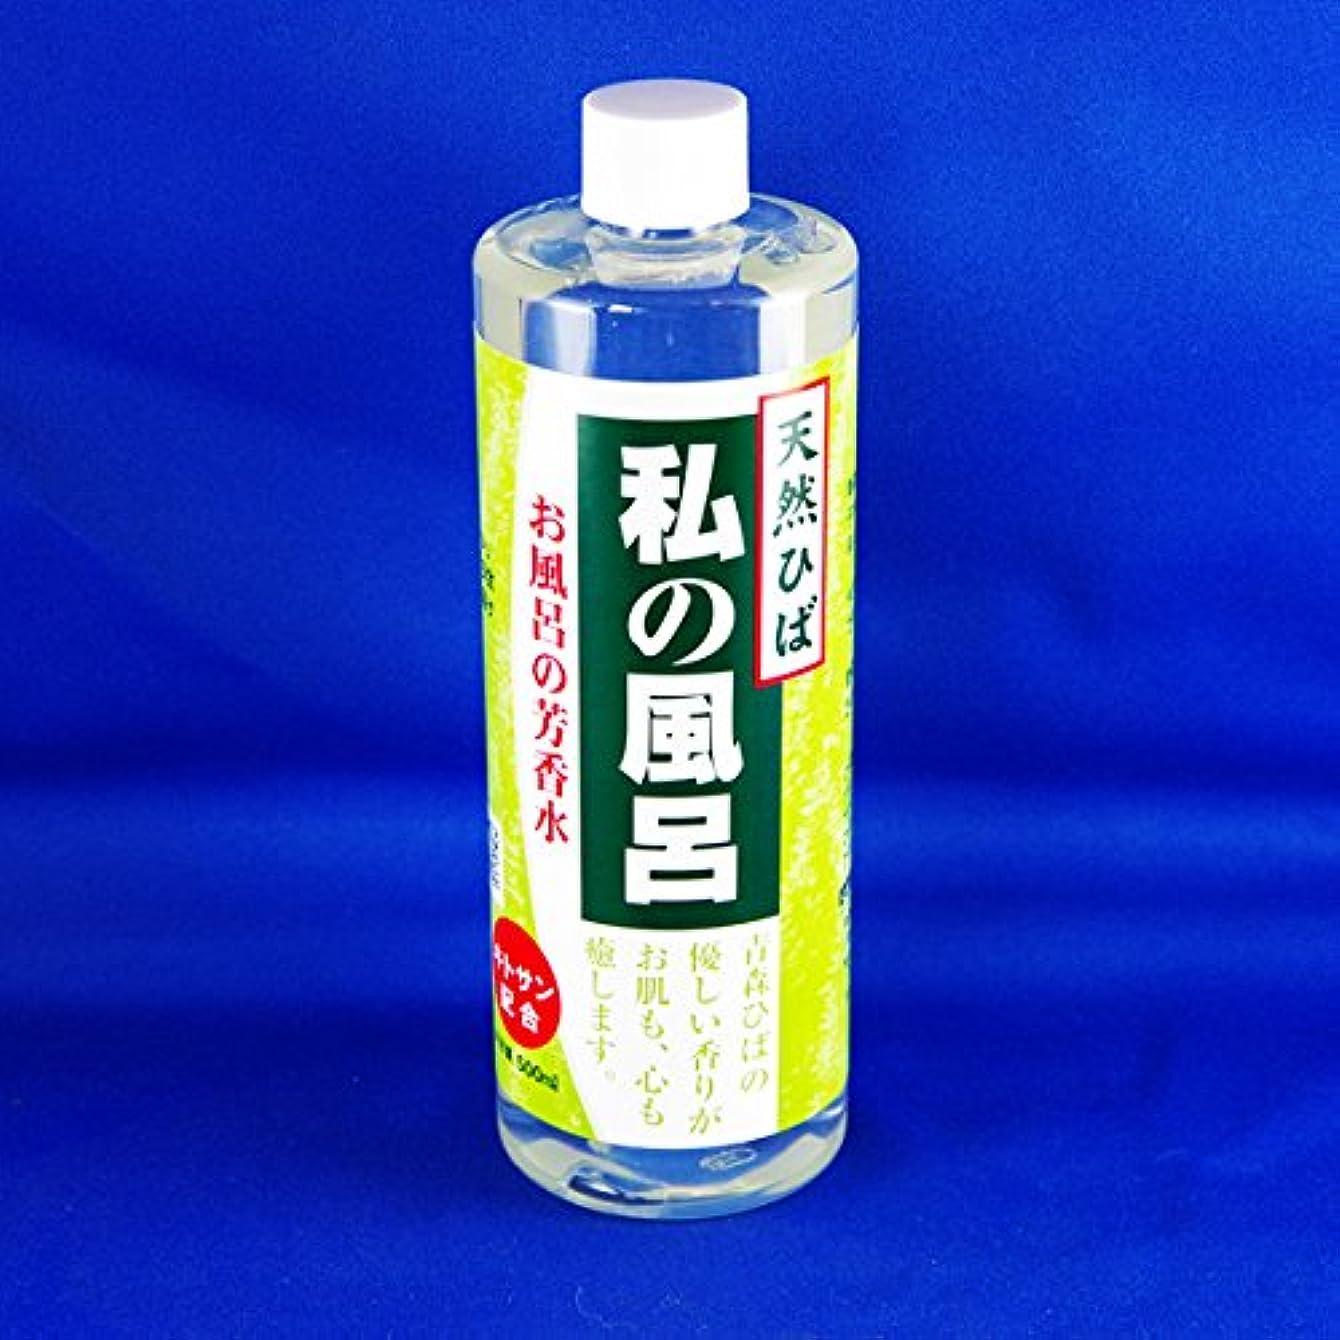 主流コンピューター戦士【入浴剤】青森ひば 私の風呂 500ml(高分子キトサン配合)